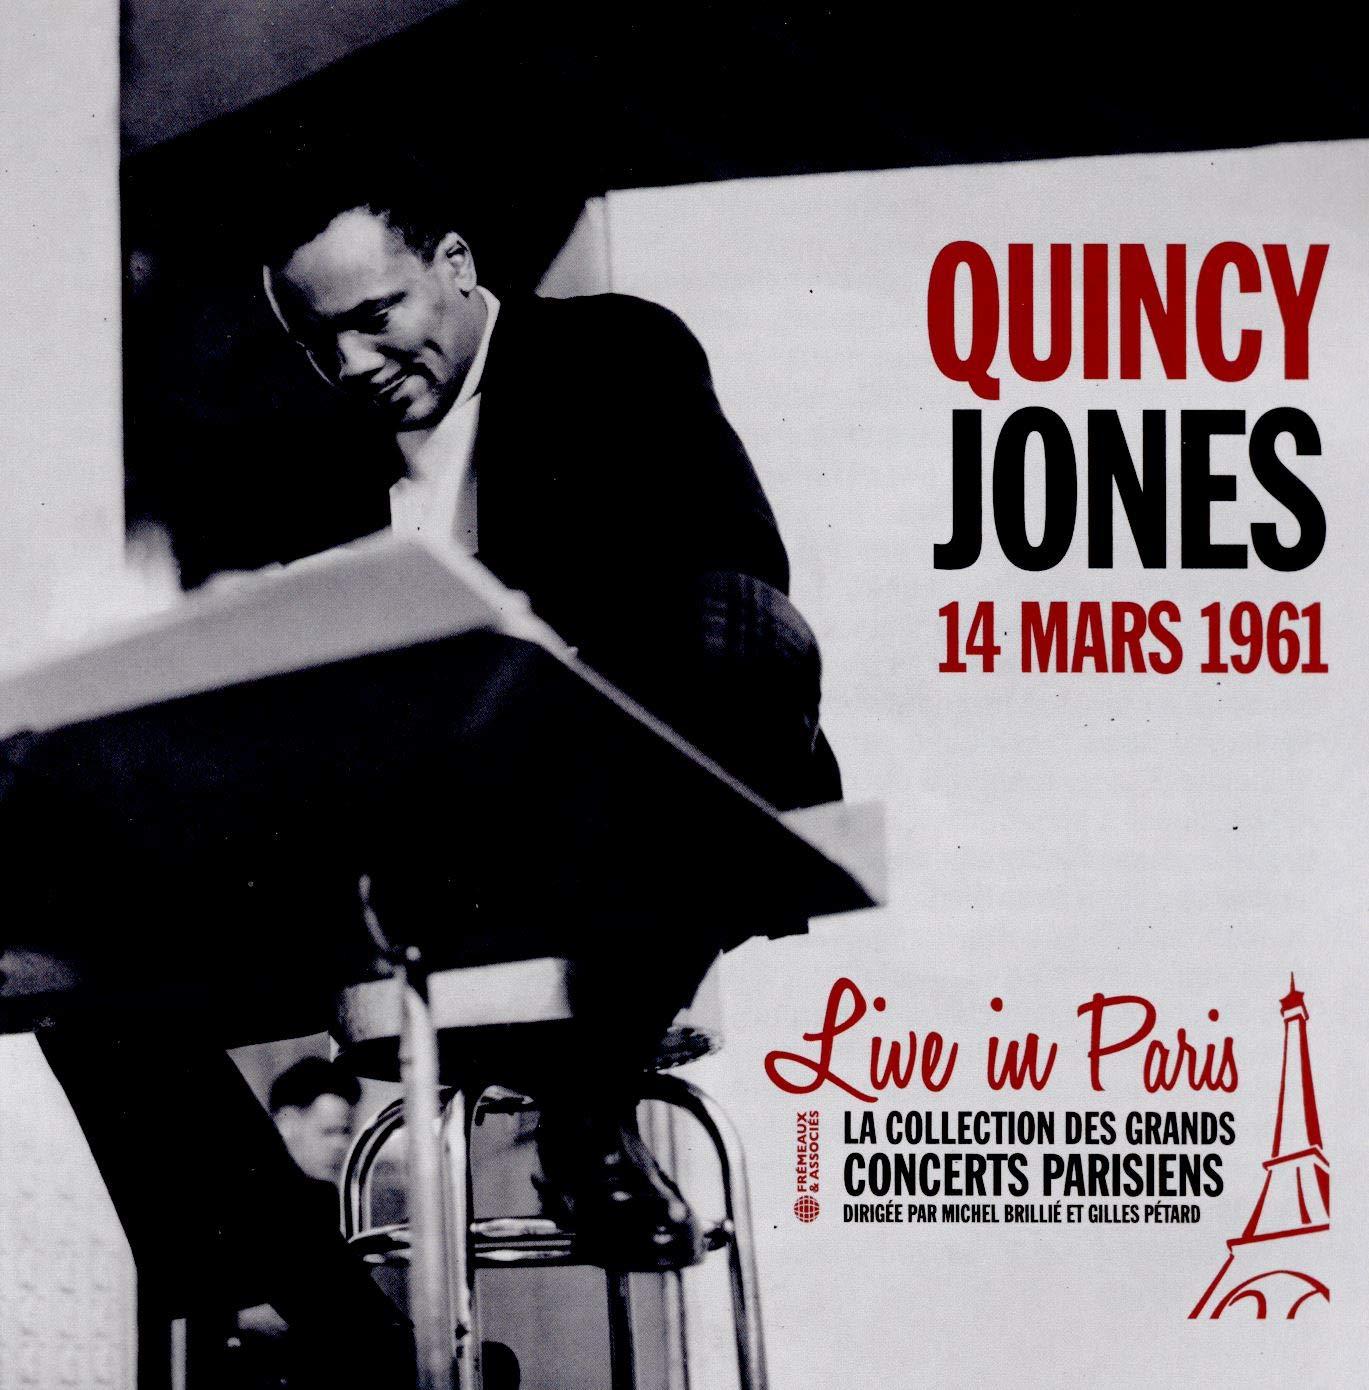 QUINCY JONES - Live in Paris 14 Mars 1961 cover